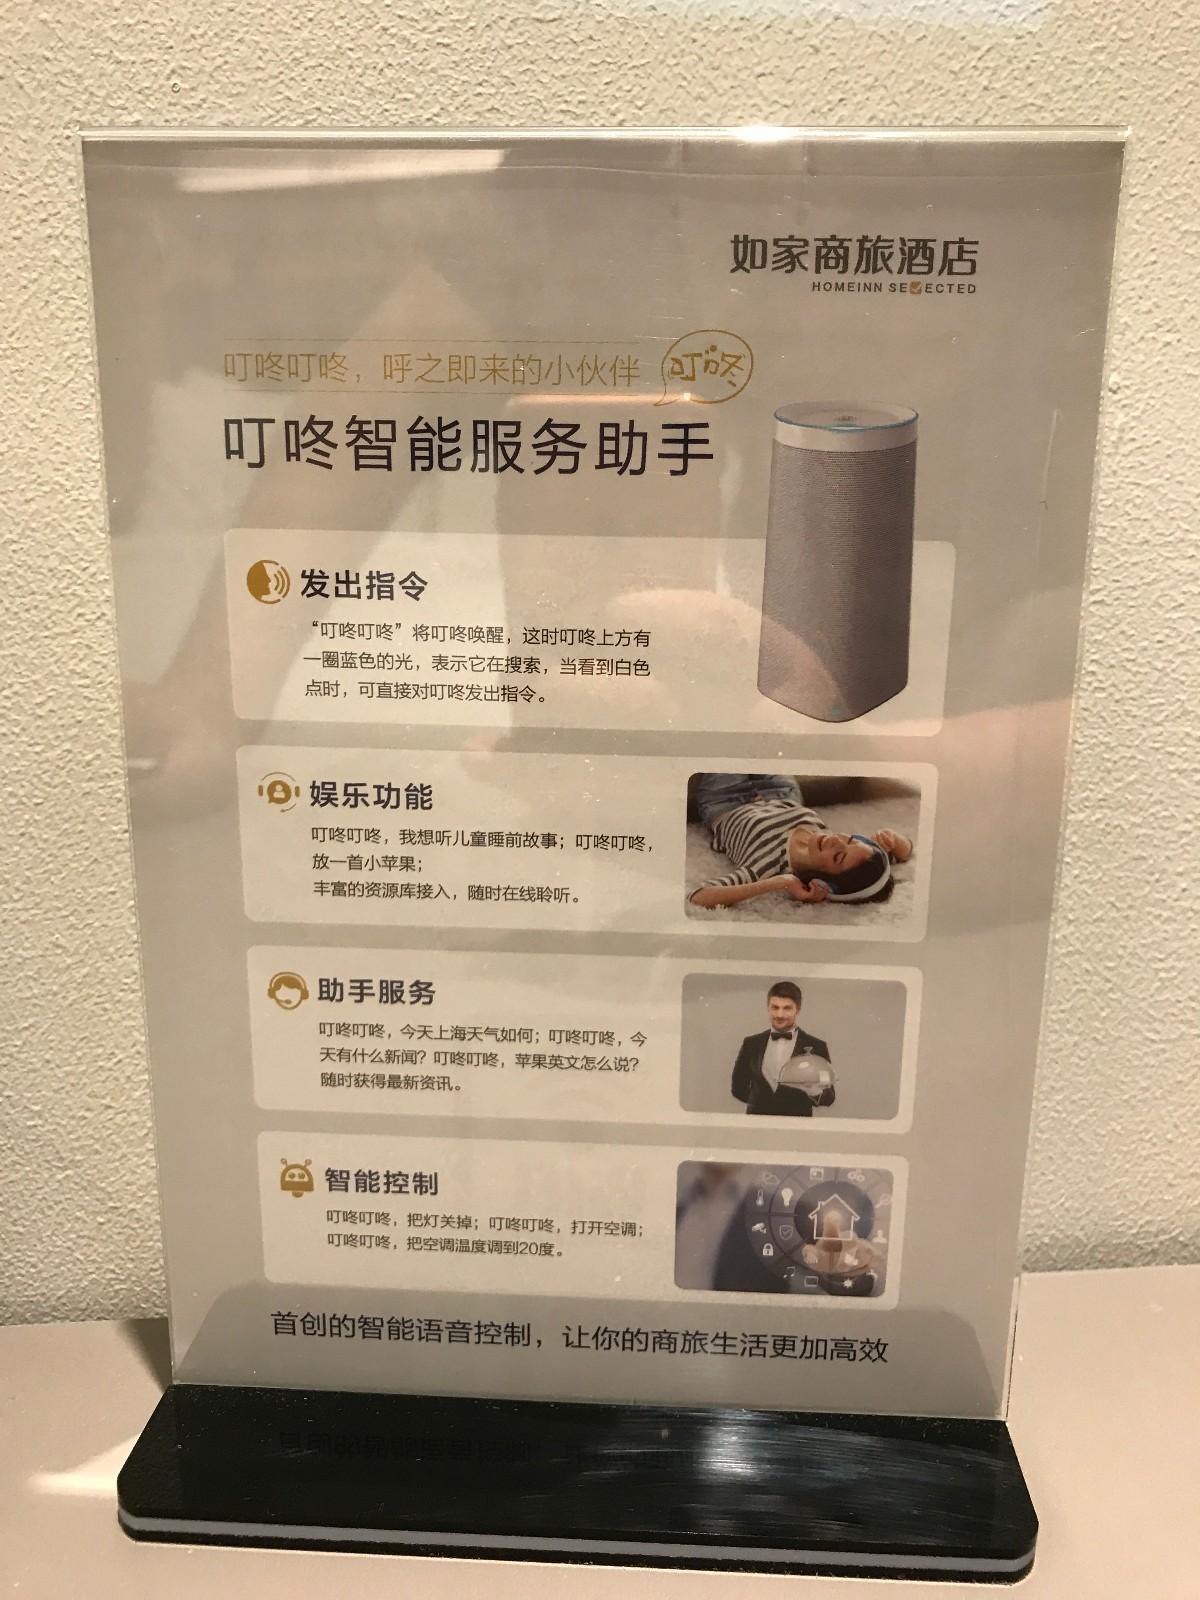 上海首家智能酒店--如家商旅(金标)宛平南路店